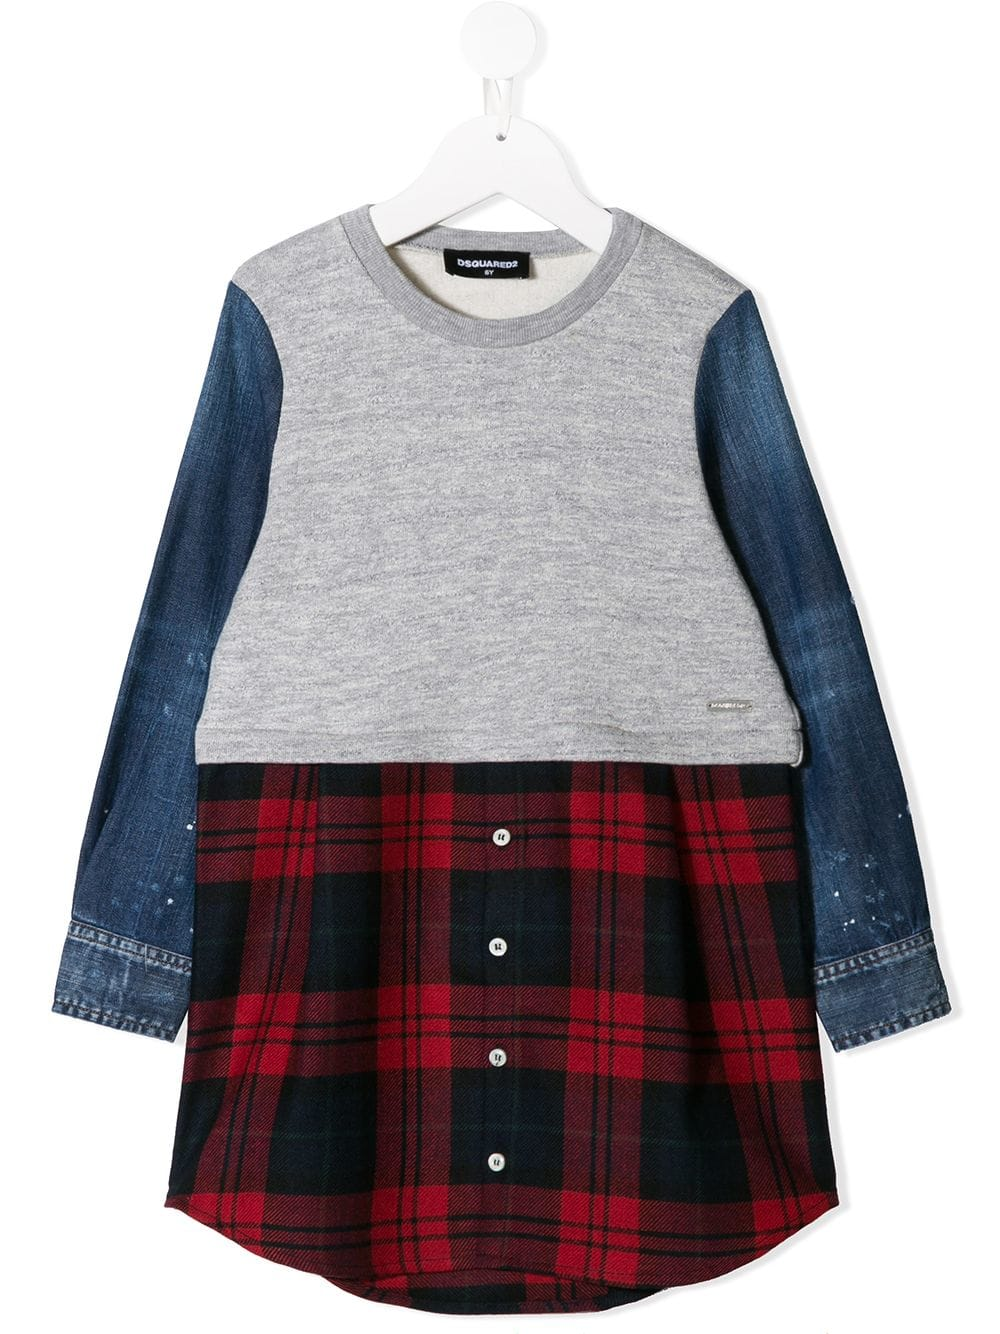 779696b40 Dsquared2 Kids tartan sweatshirt dress - Grey in 2019 | Products ...